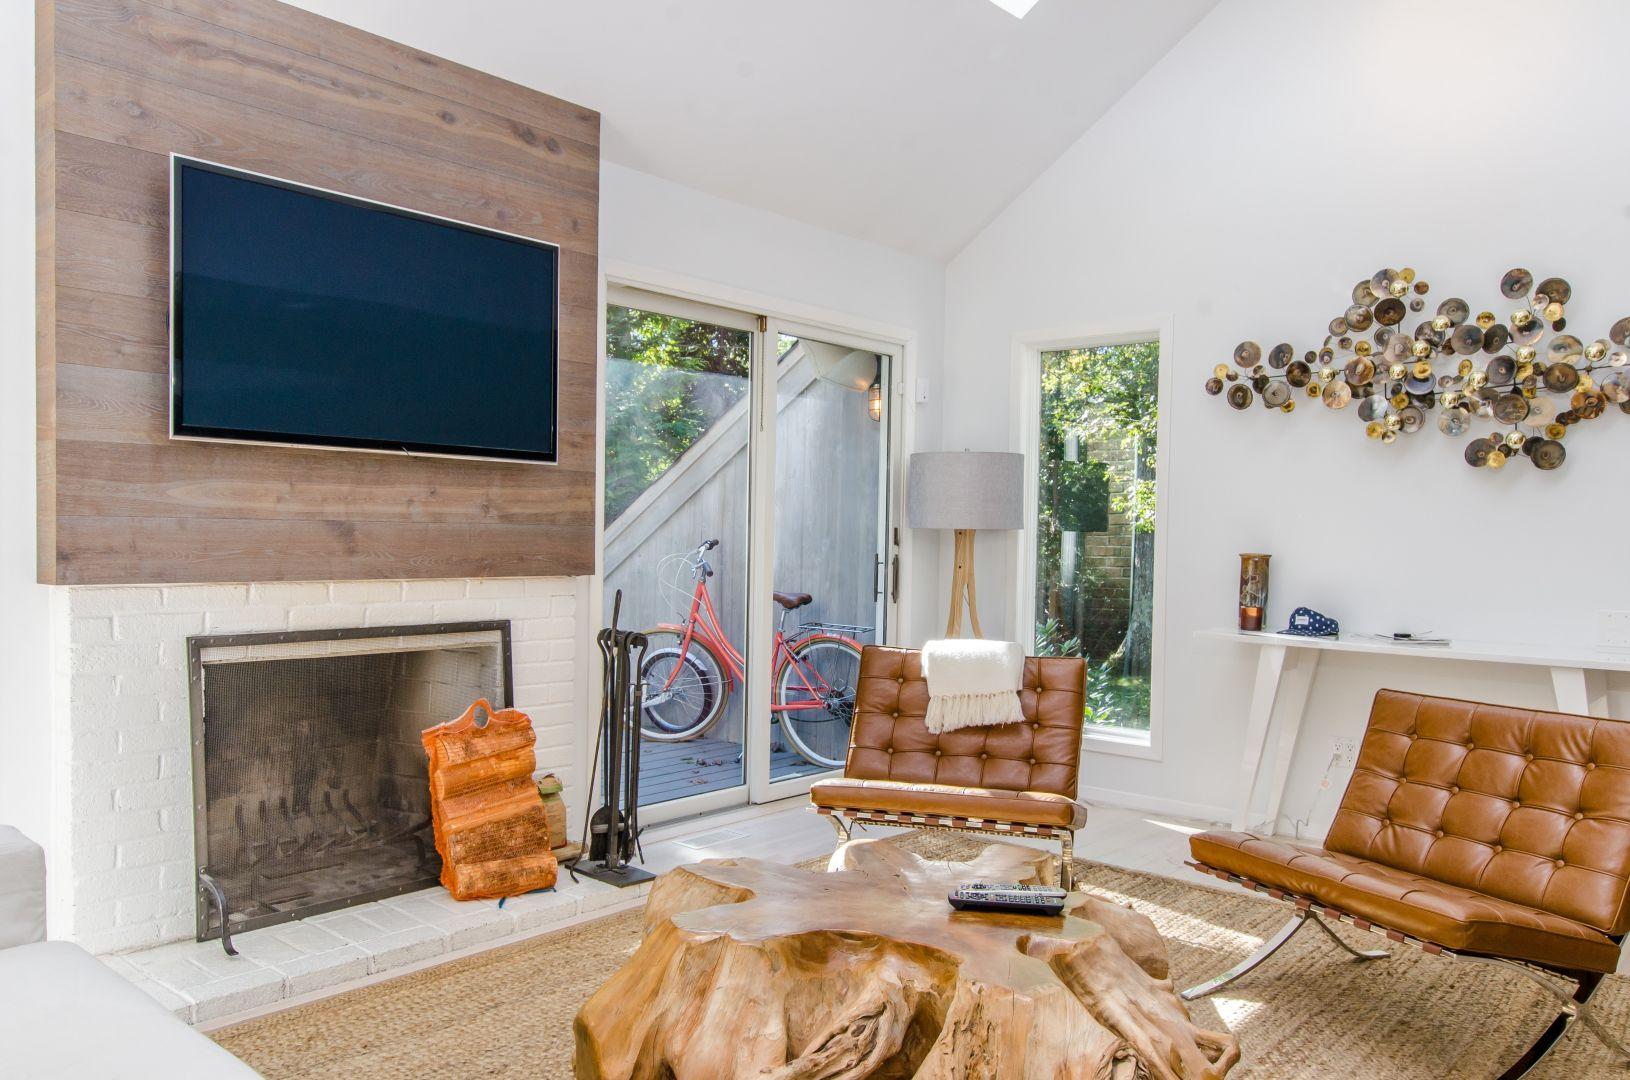 Aranżacje i usytuowanie kominka są różne. Dużą popularnością cieszą się projekty domów uwzględniające przestrzeń dzienną obejmującą kuchnię, jadalnię i salon. Fot. Unico